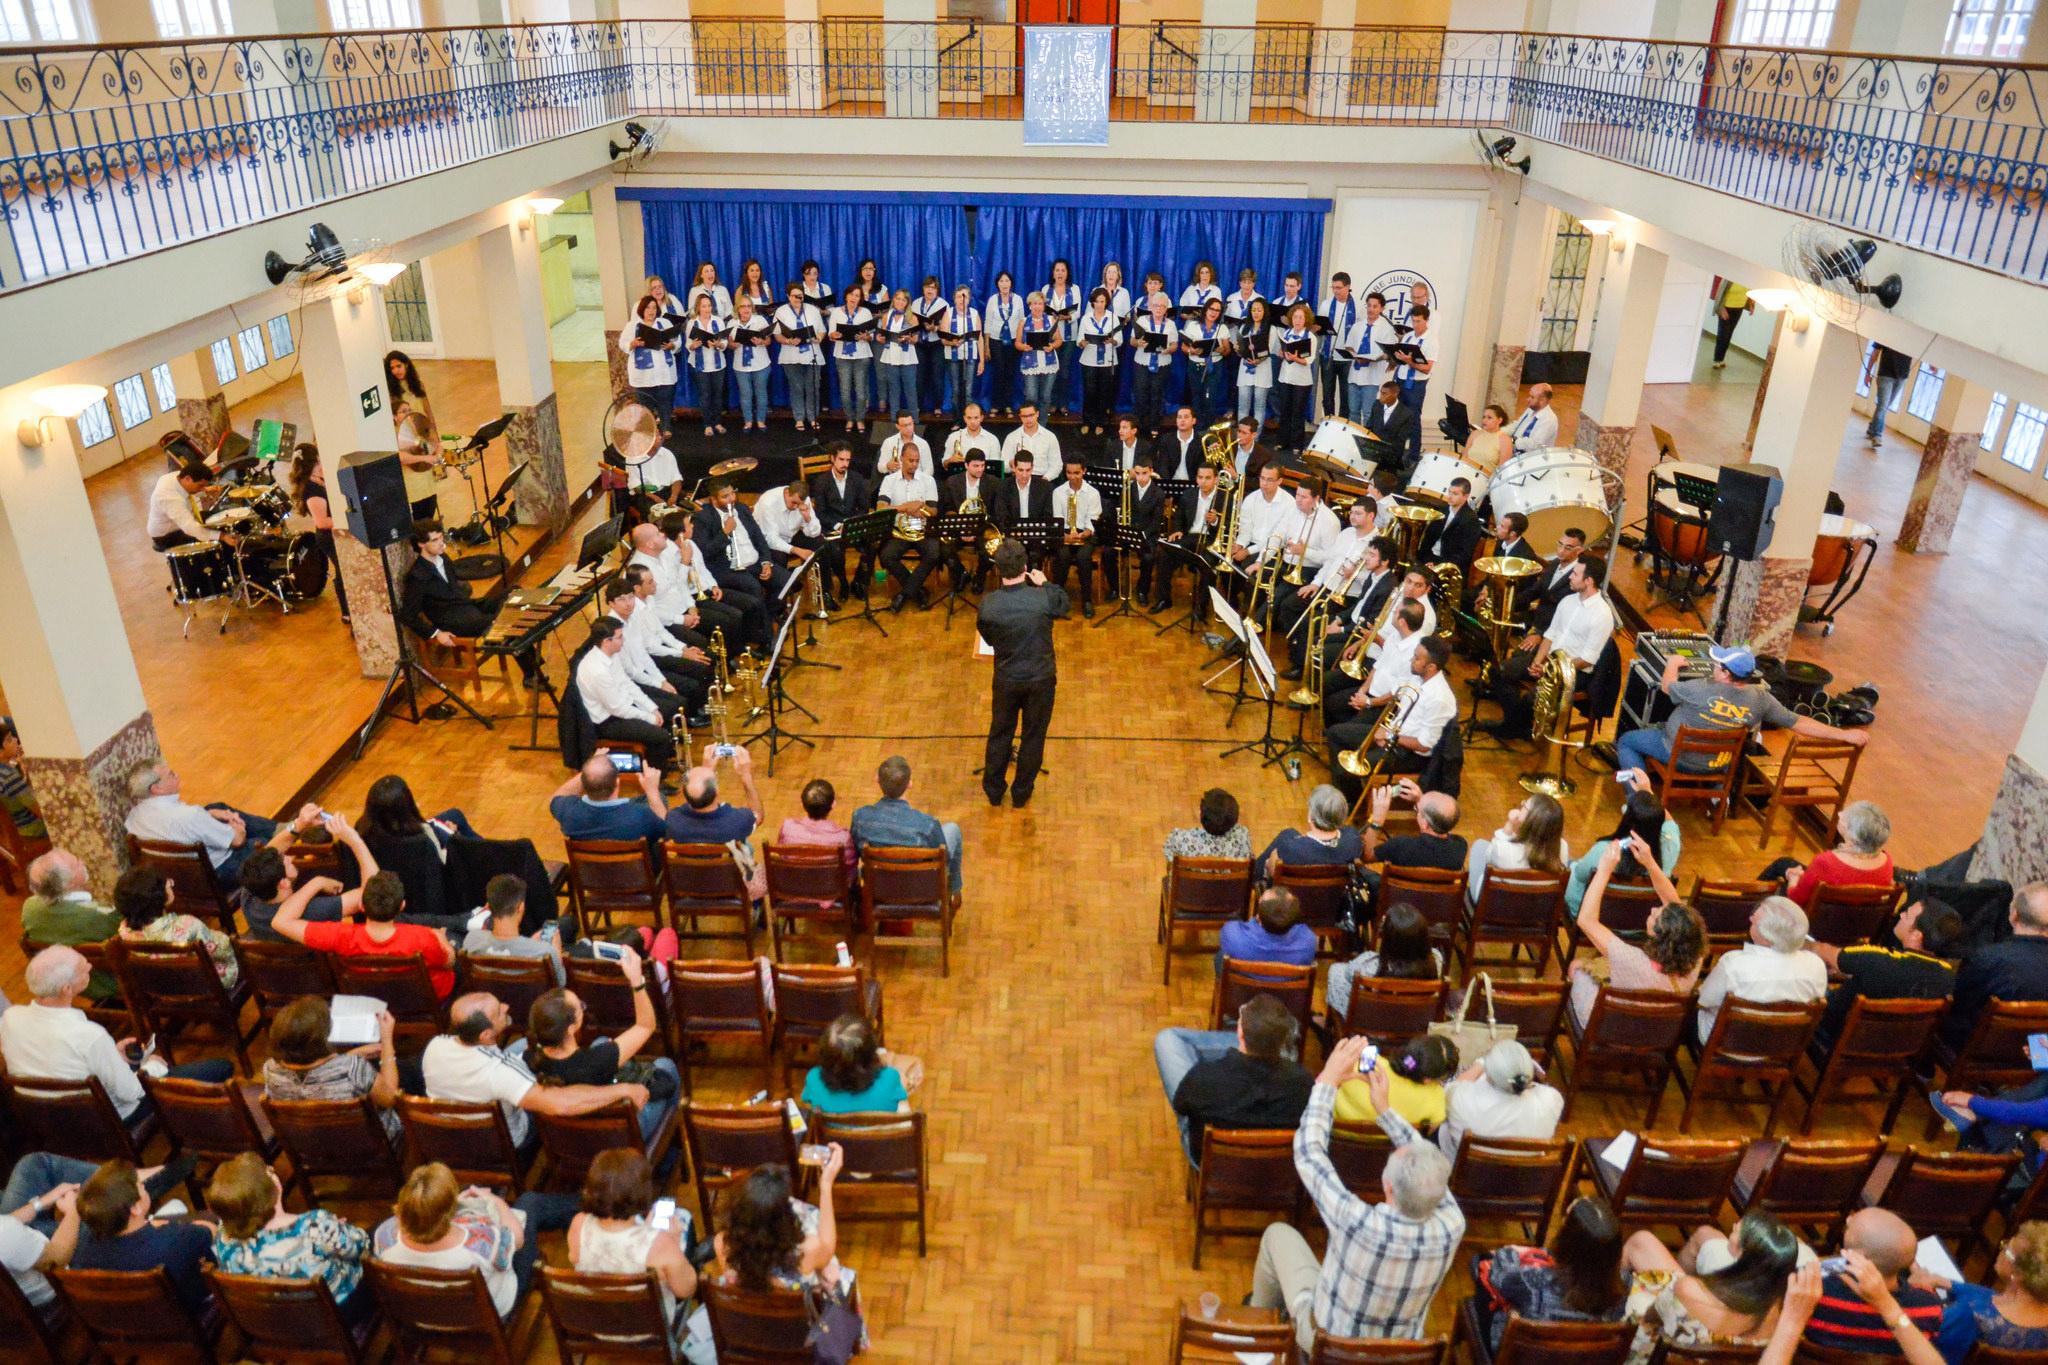 16-Coral Azul e Branco & Orquestra de Metais de Campo Limpo Paulista (25/10/2015) - Sede Central – Clube Jundiaiense.